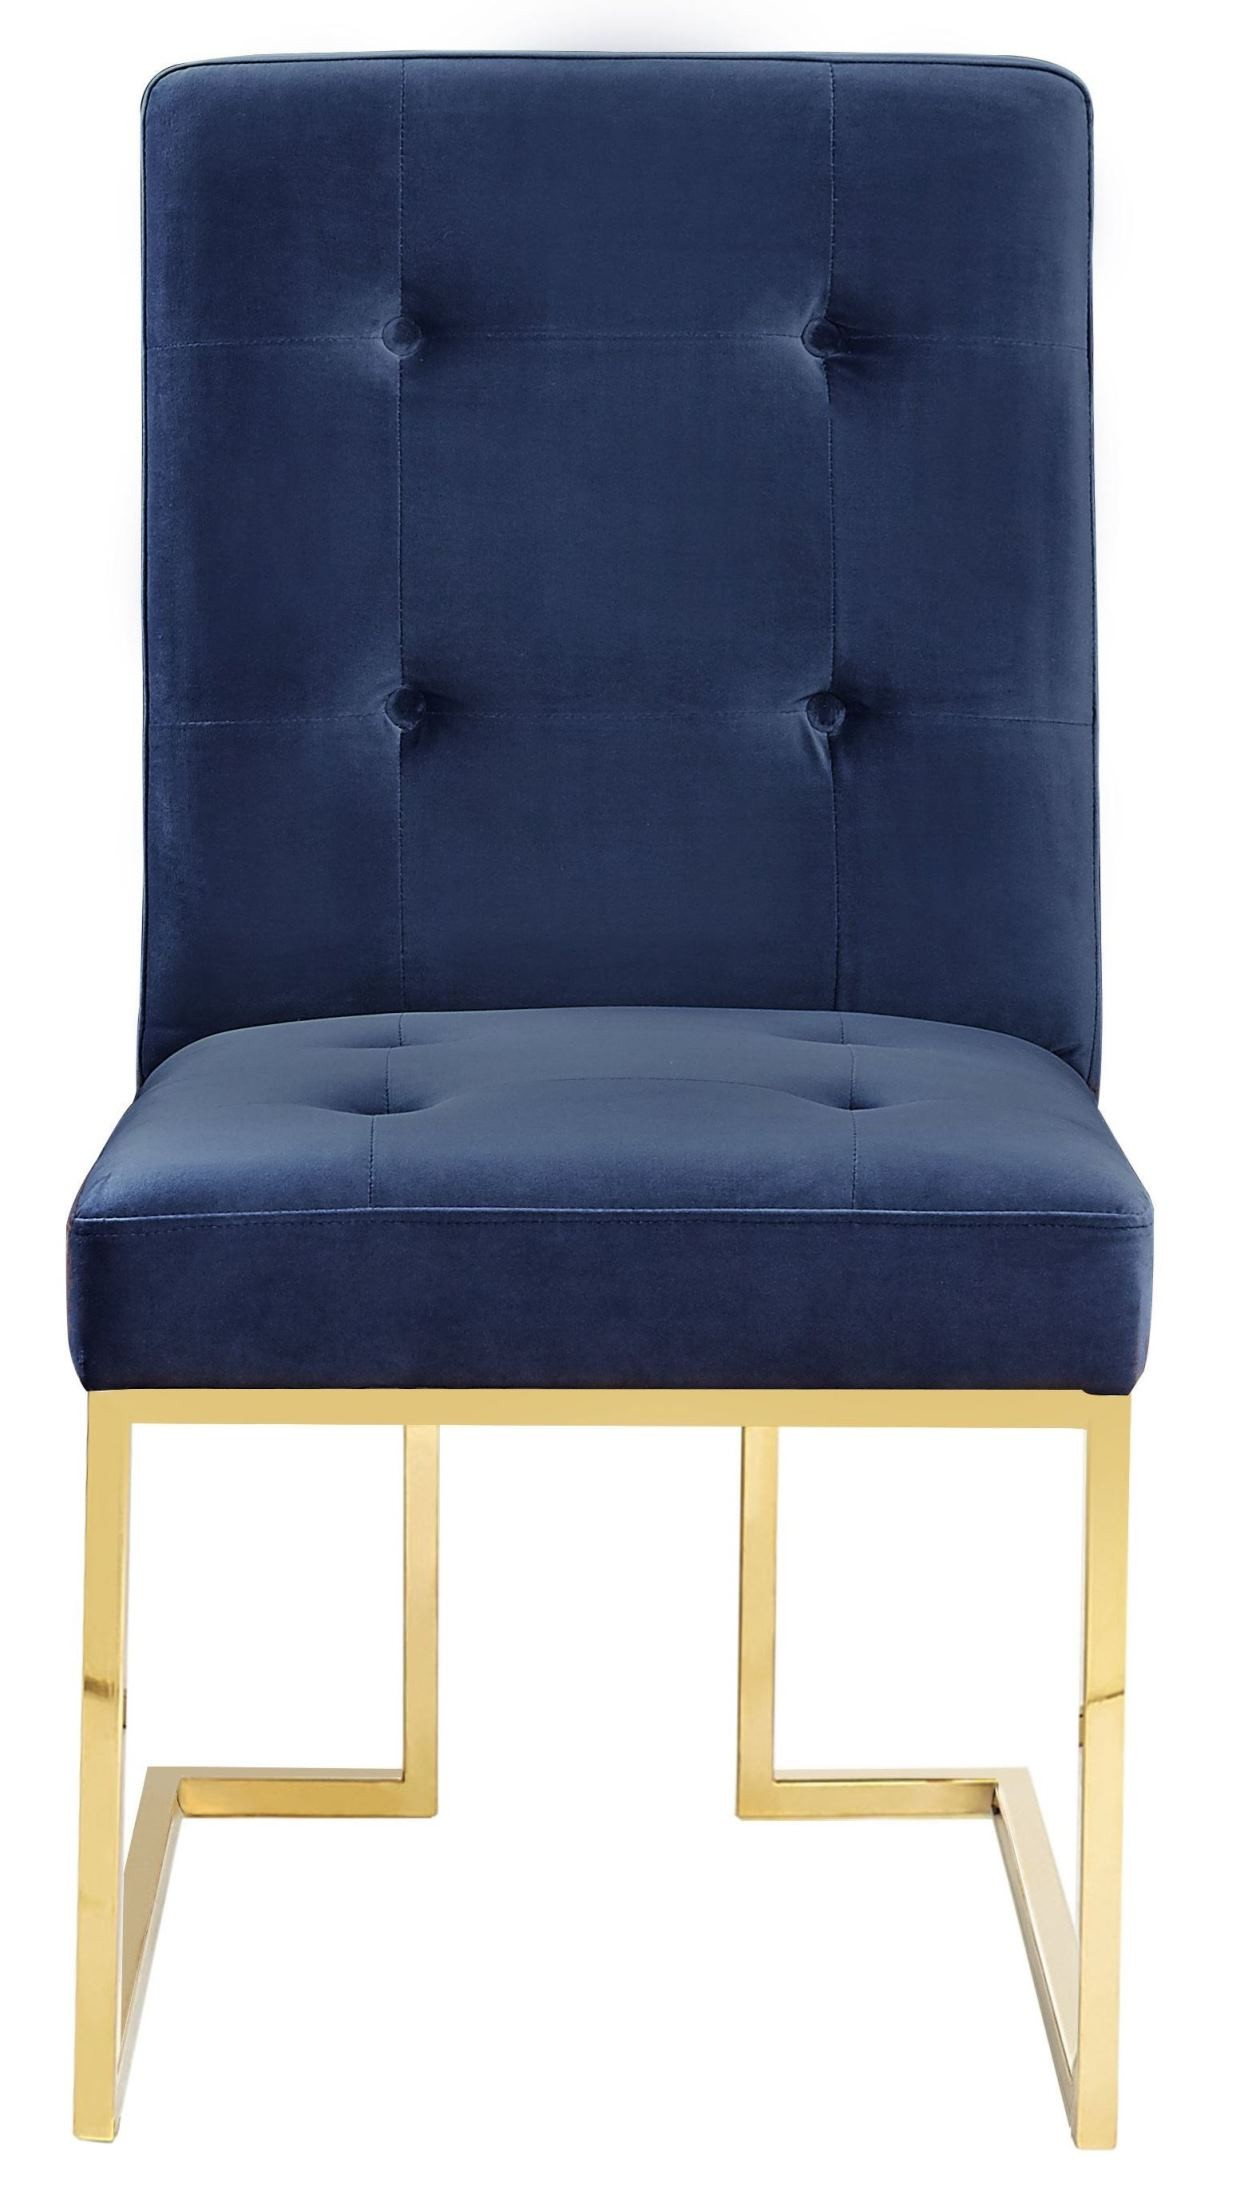 Akiko Navy Velvet Chair Set of 2 from TOV